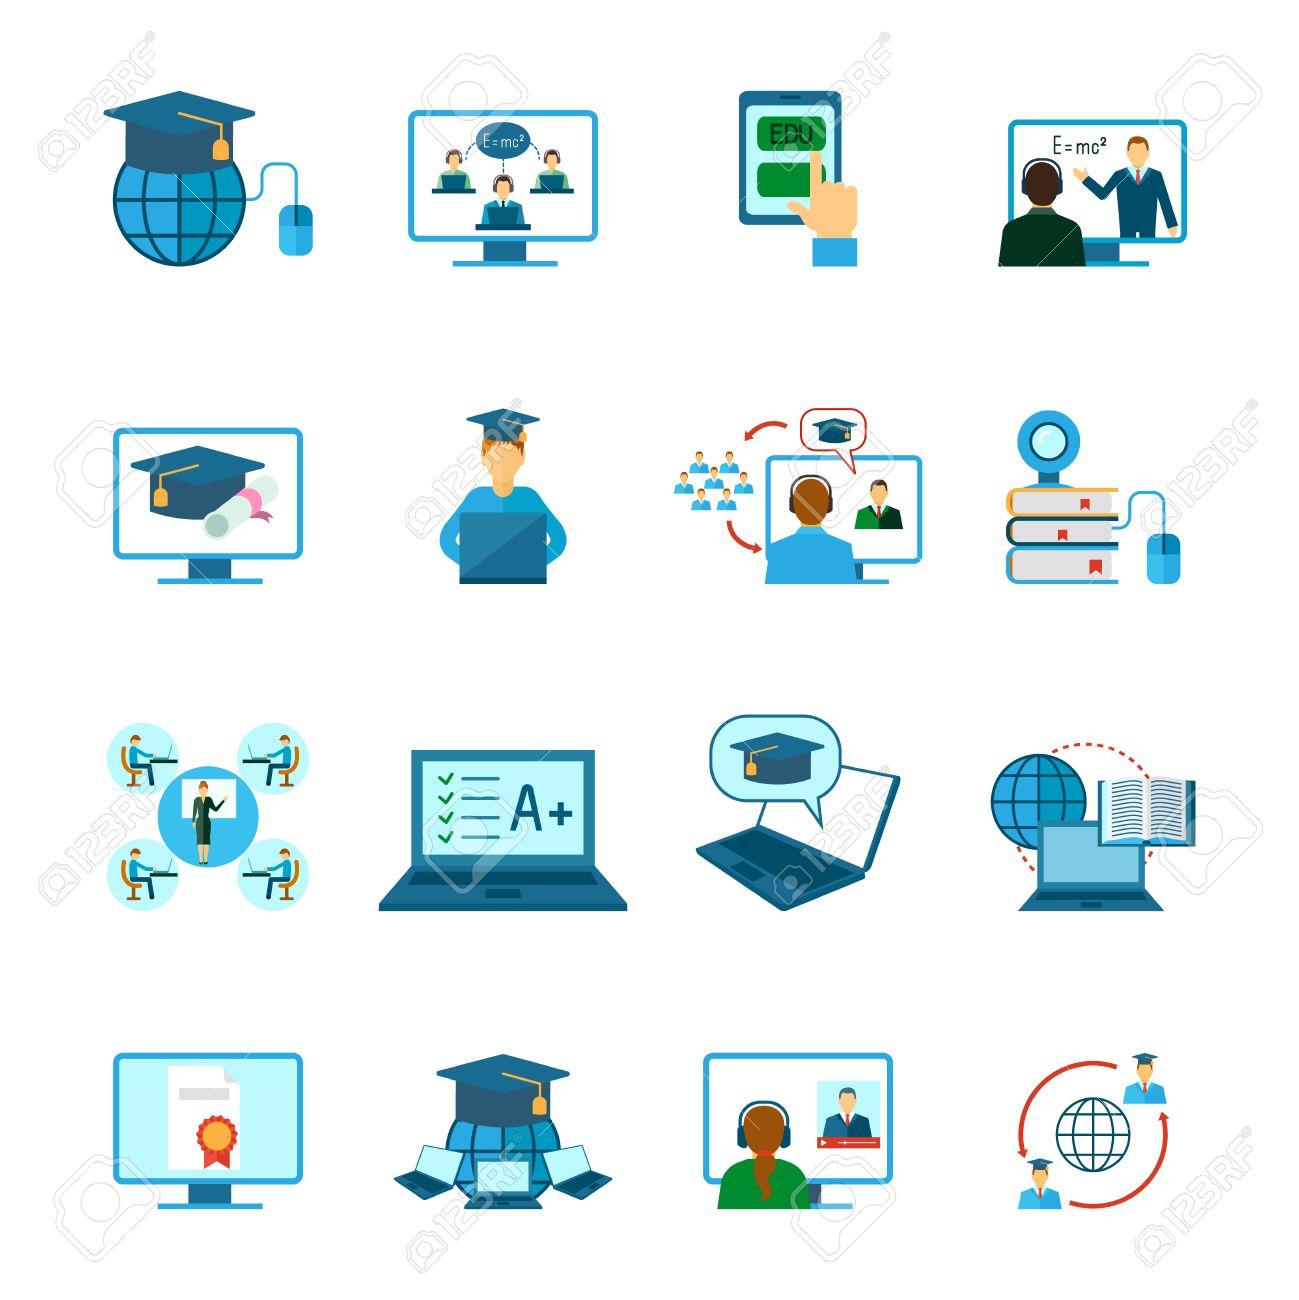 Re-integratie opleiding